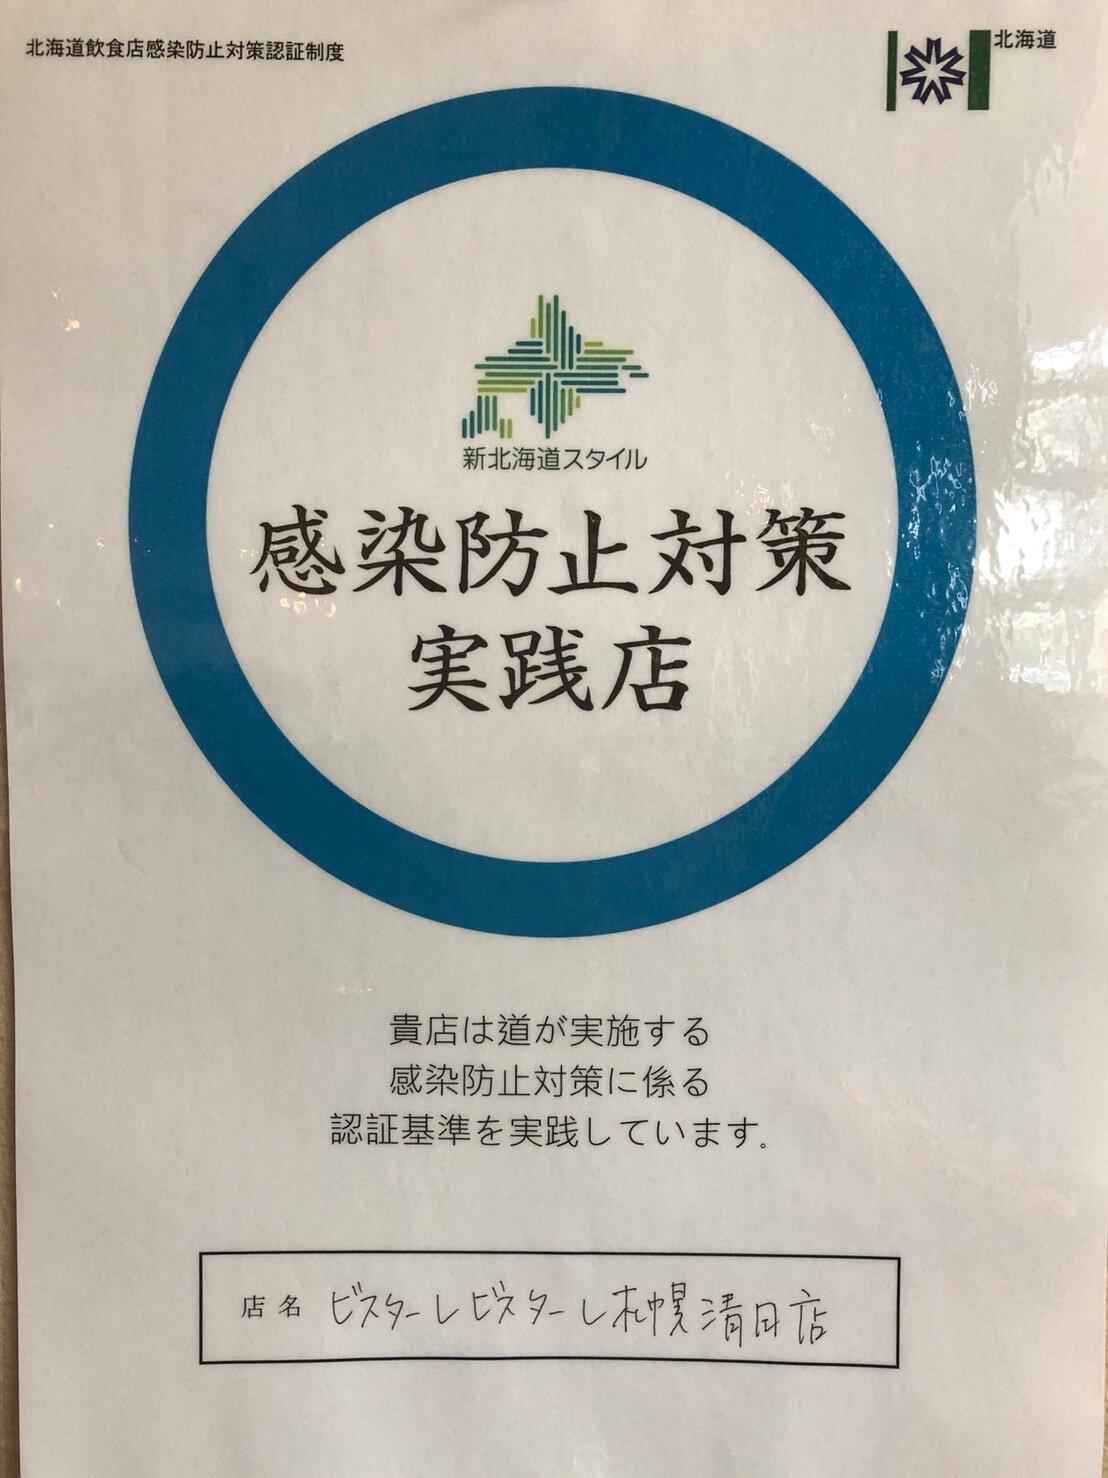 感染防止対策実践店